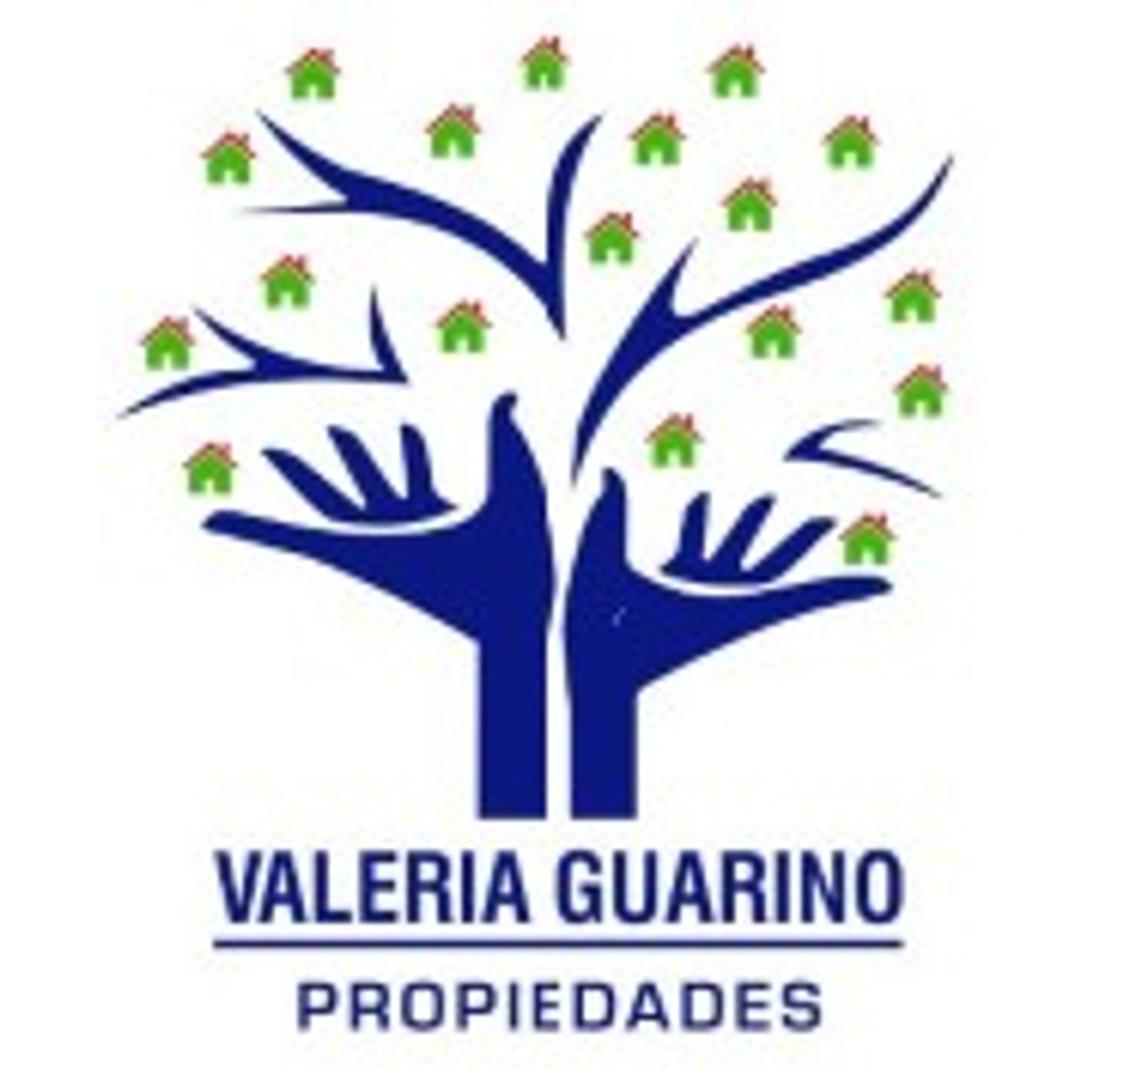 VALERIA GUARINO VENDE DEPARTAMENTO TIPO CASA DE 3 AMB CON PATIO Y TERRAZA AL FRENTE.